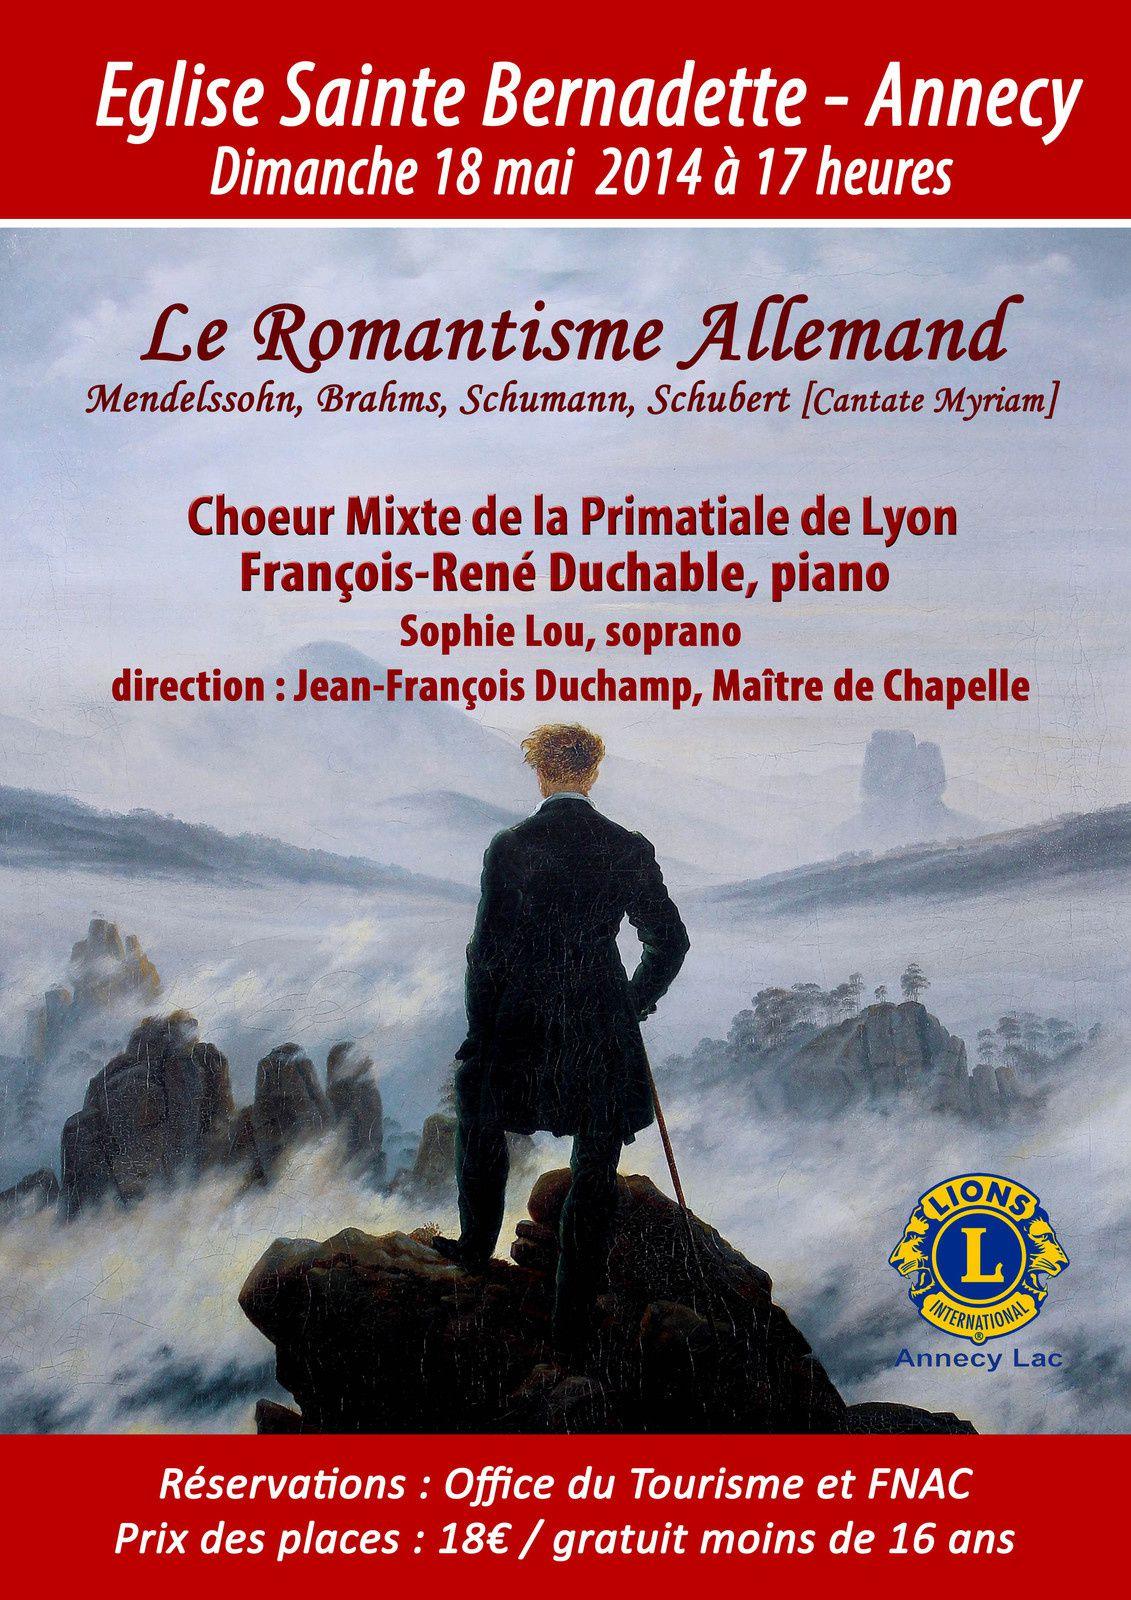 Le Choeur Mixte de la Primatiale de Lyon en concert en l' Eglise Ste Bernadette d'Annecy